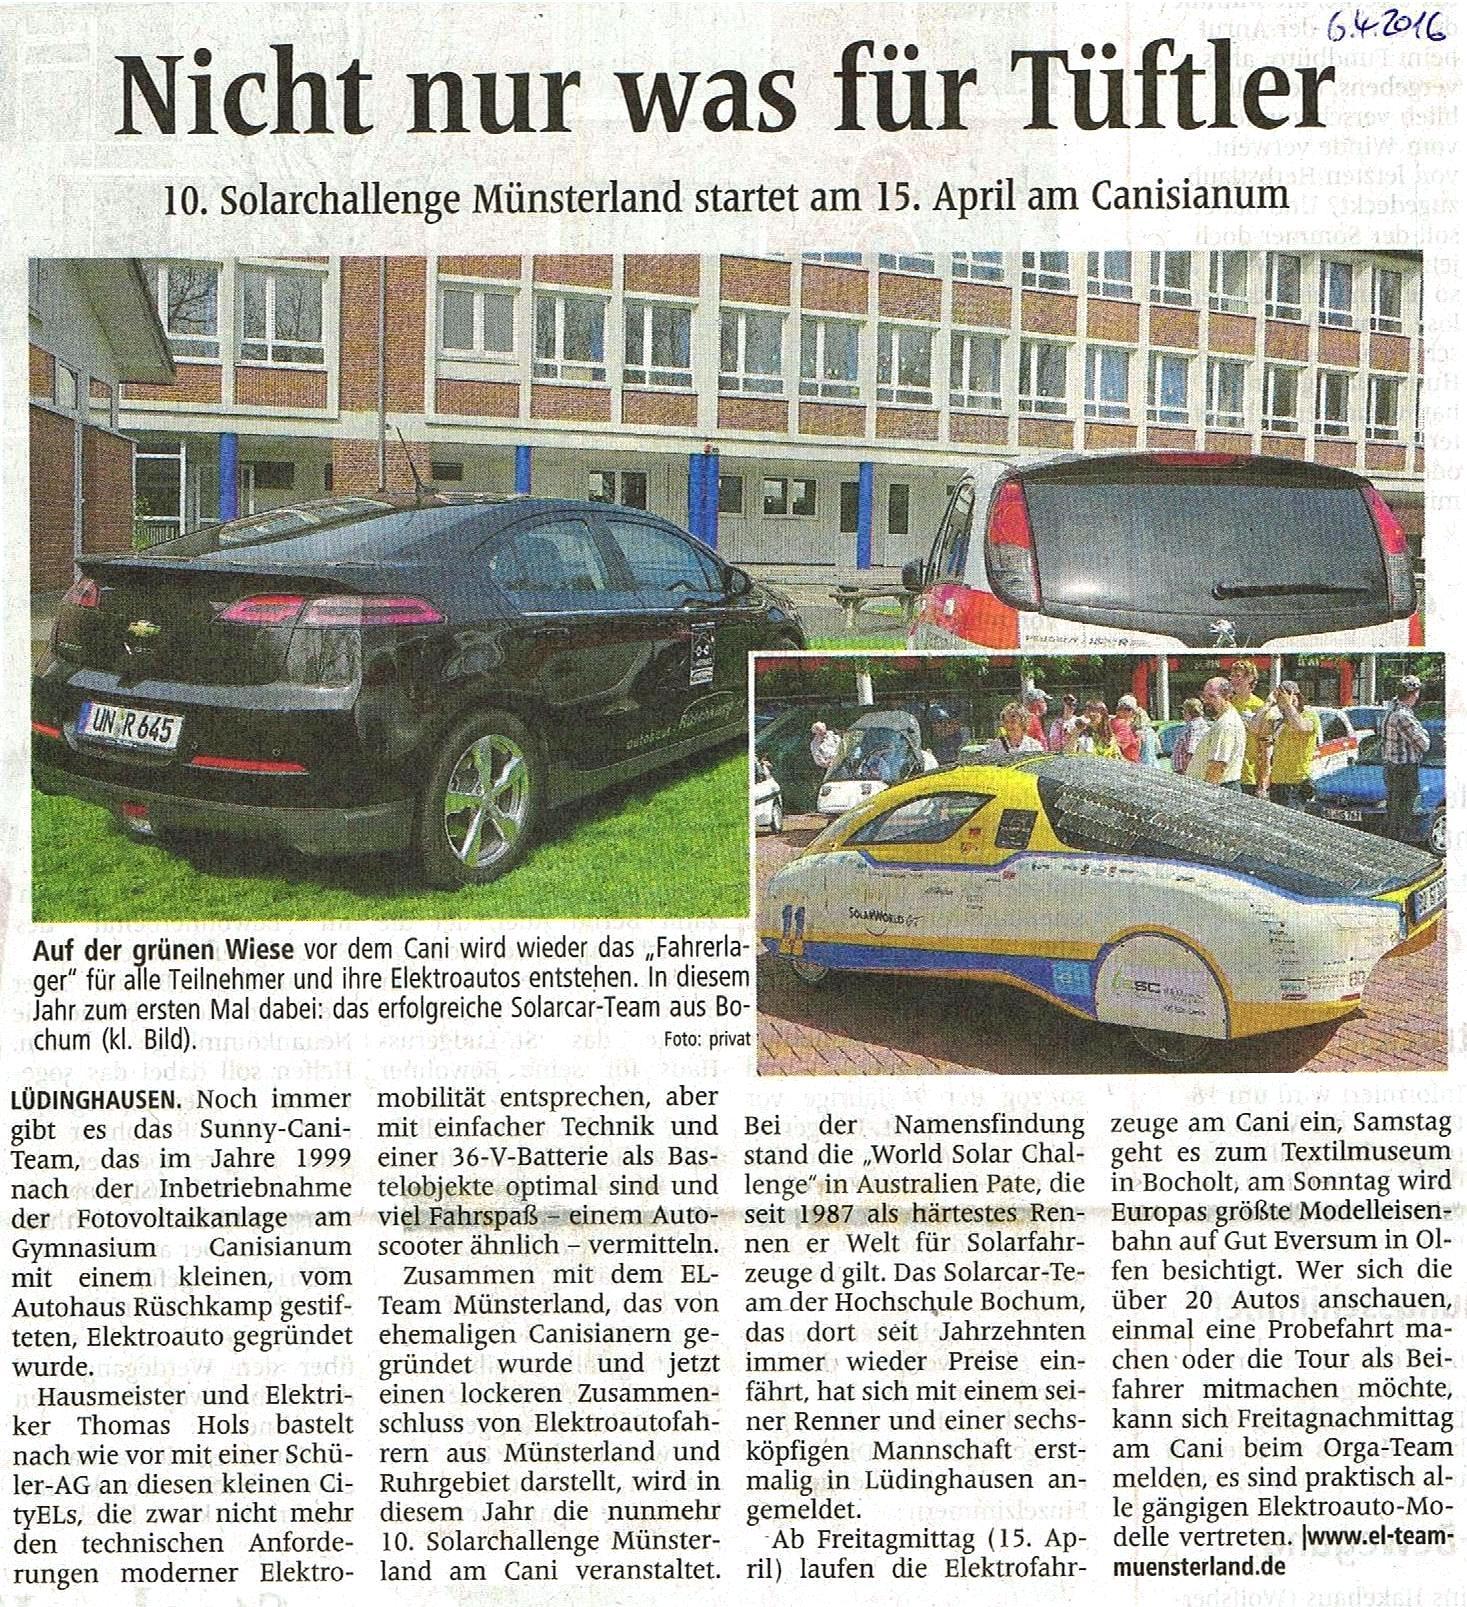 Westfälische Nachrichten, 6.4.2016